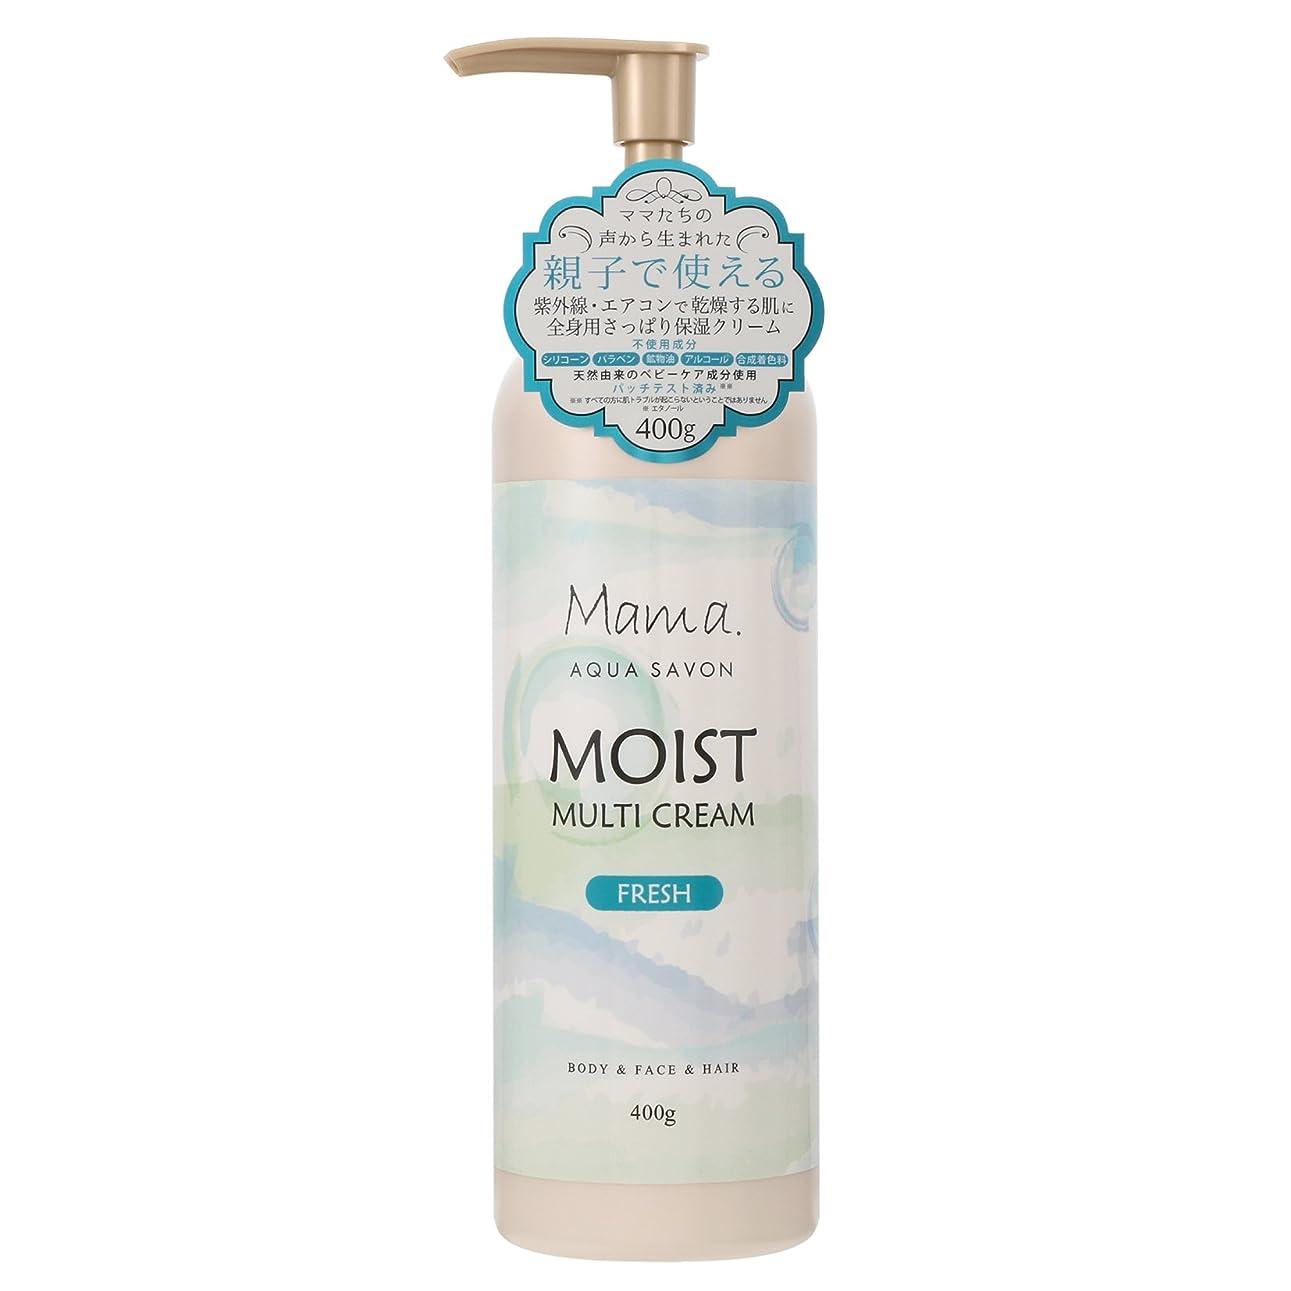 に向かって事実二週間ママアクアシャボン モイストマルチクリーム フレッシュ グリーンアロマウォーターの香り 400g